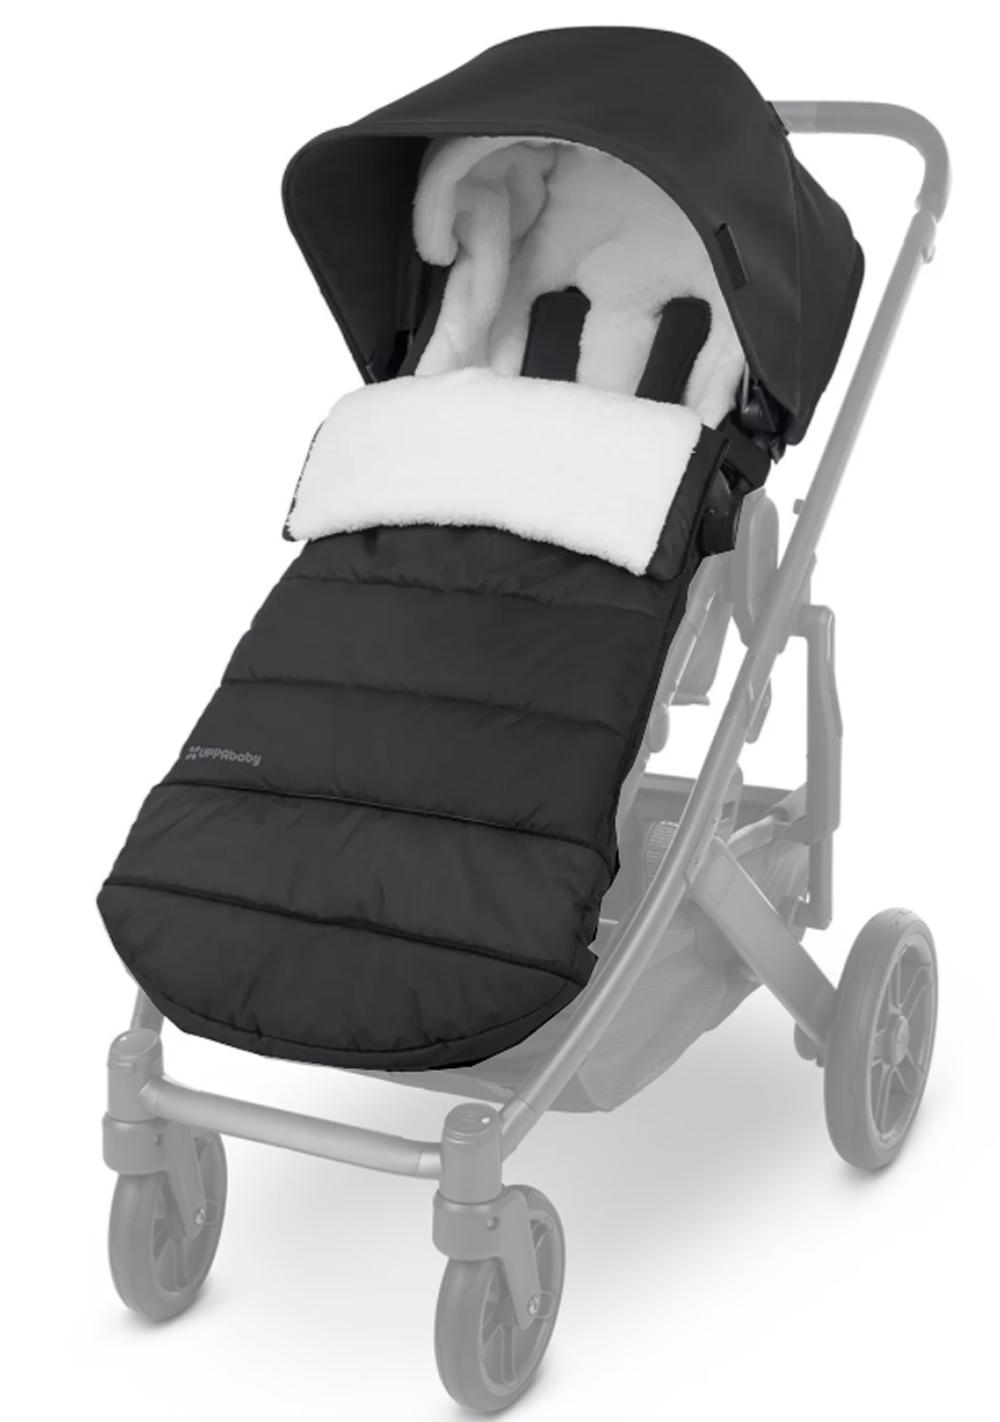 Купить 2267838, Аксессуар для коляски UPPAbaby, черный, 3984528080096